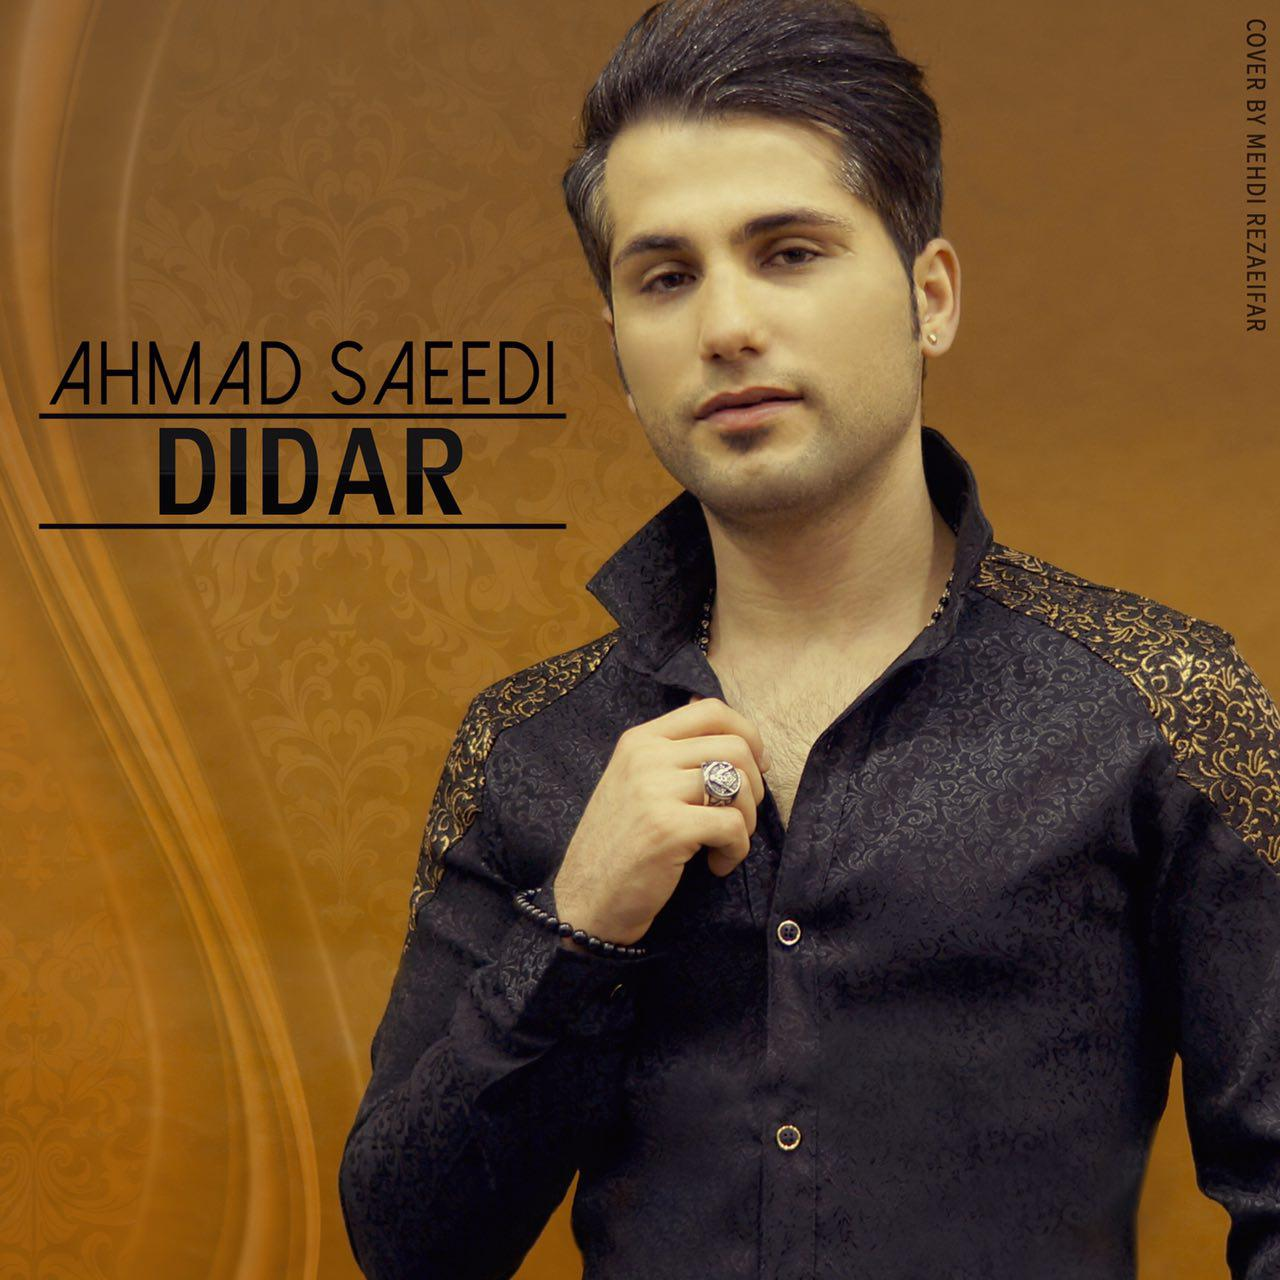 متن آهنگ دیدار احمد سعیدی